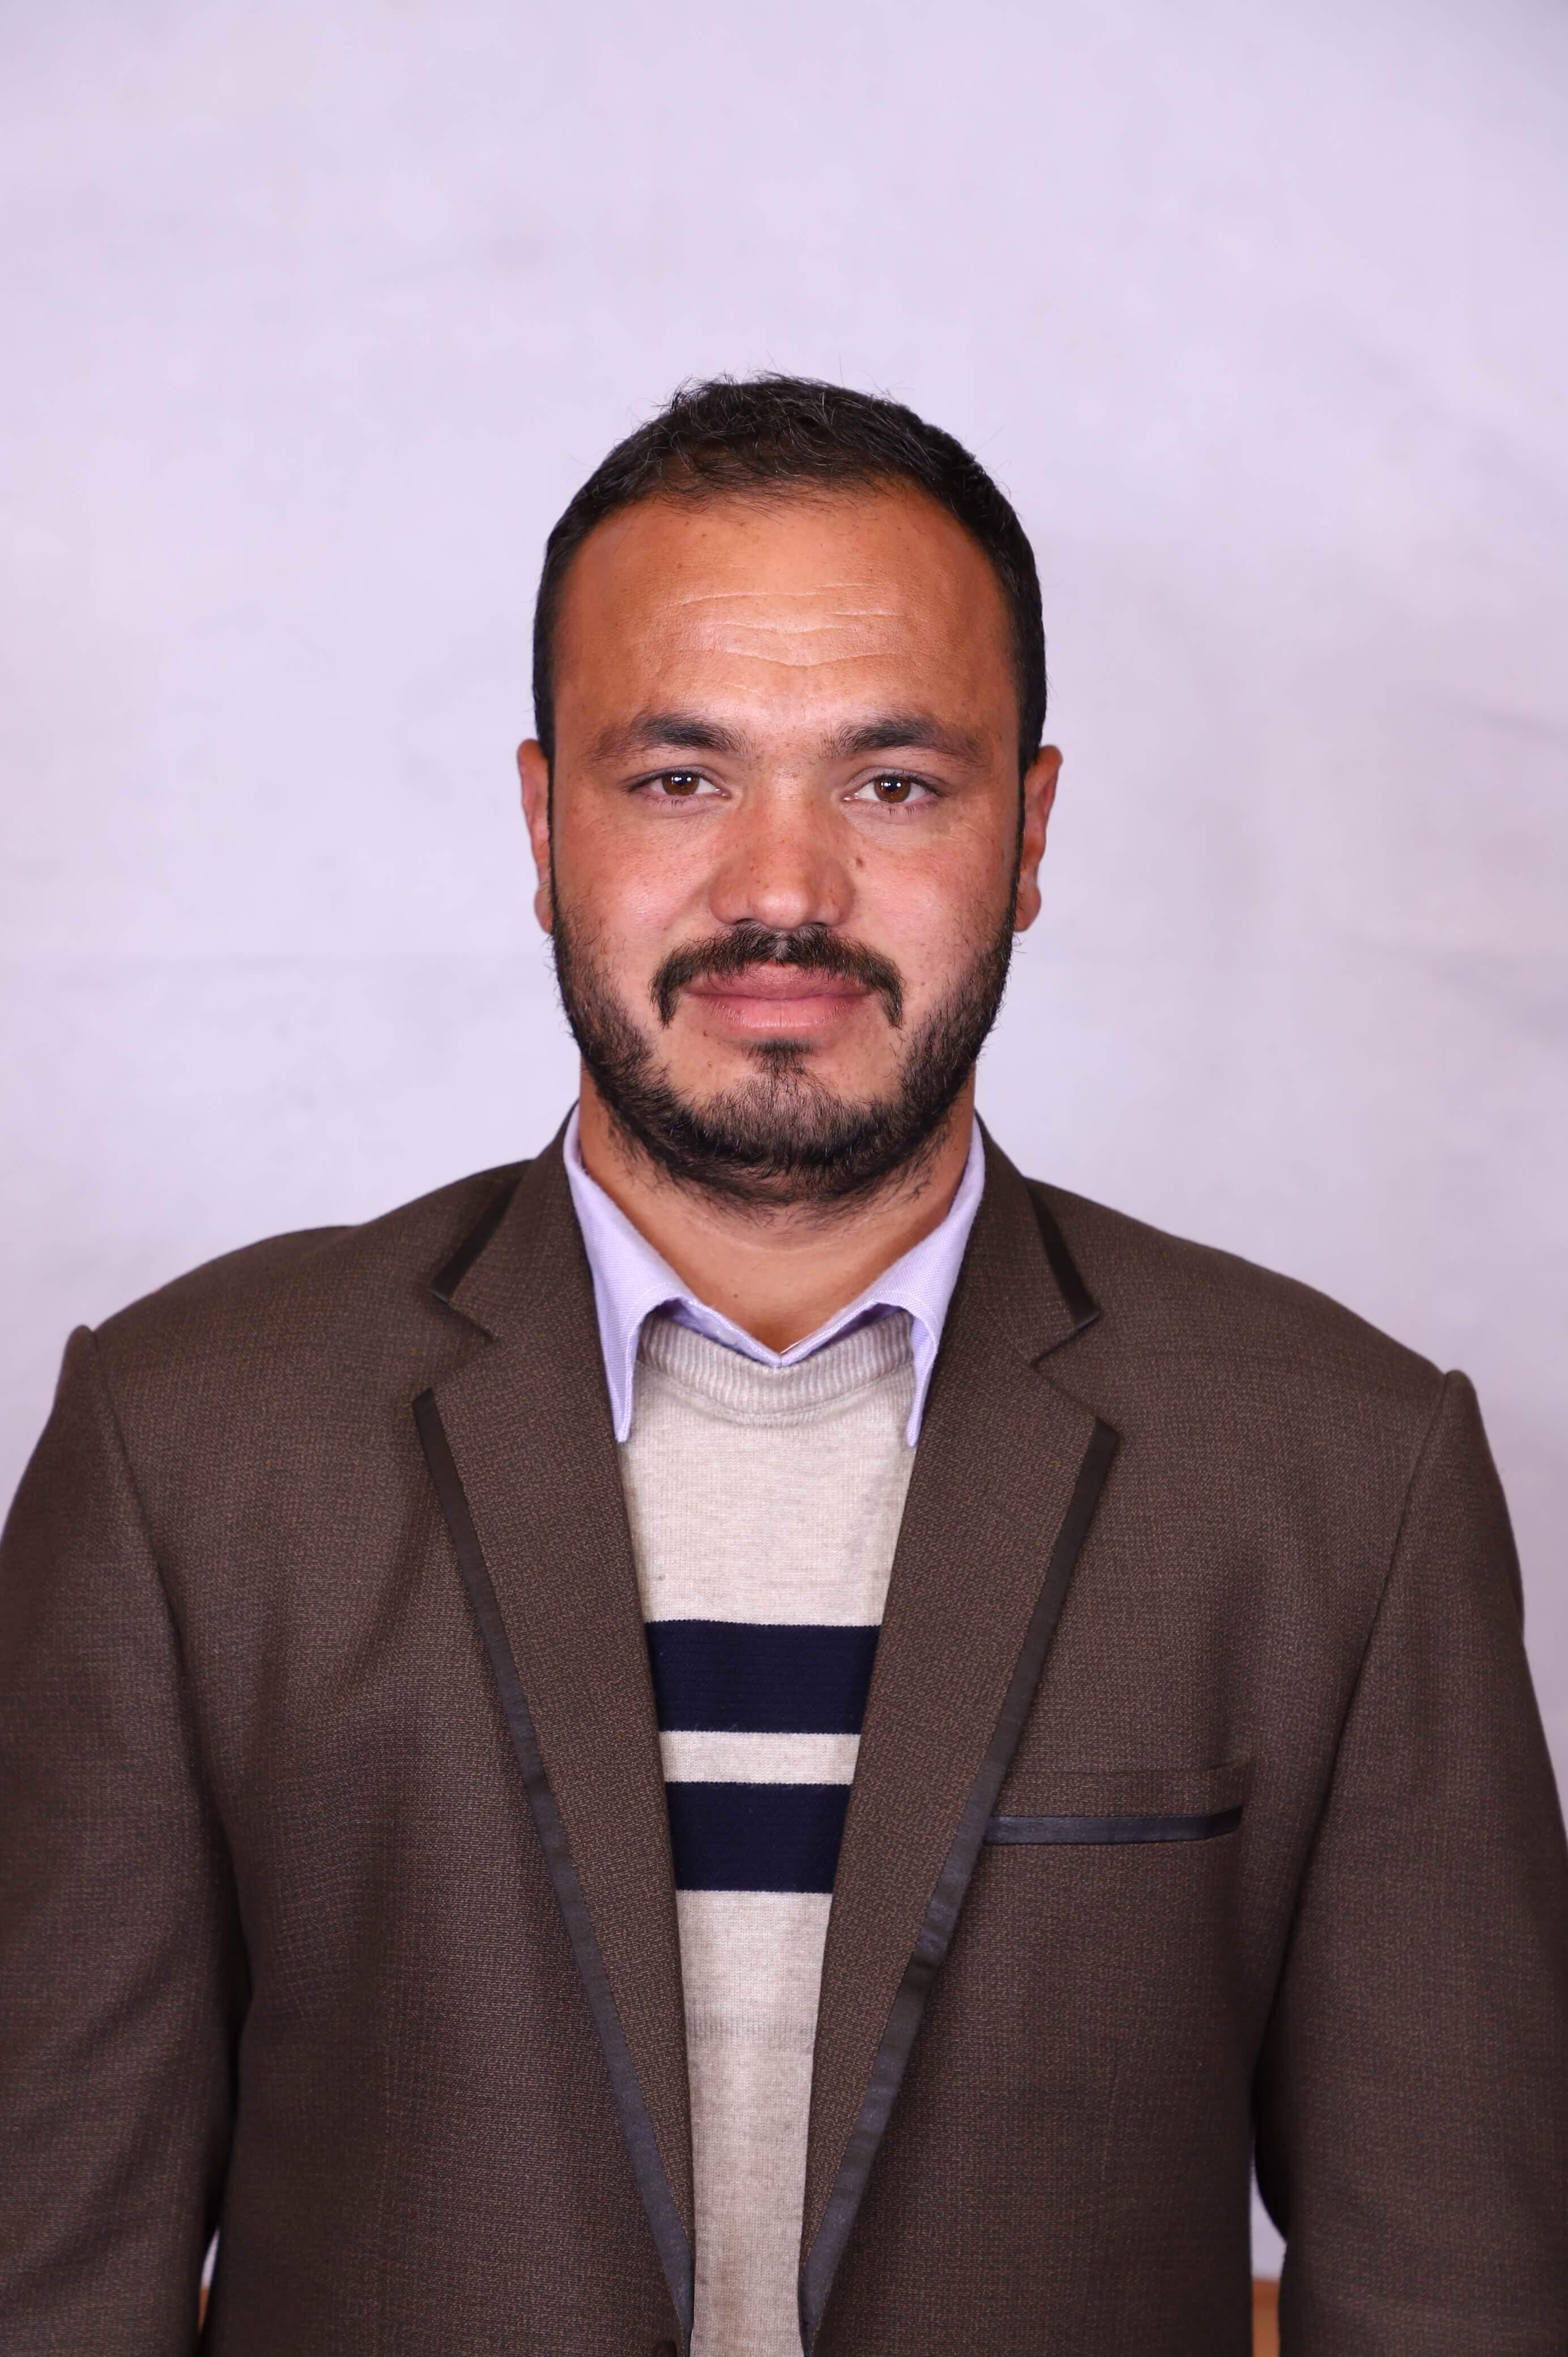 Mr. Janak Khatri